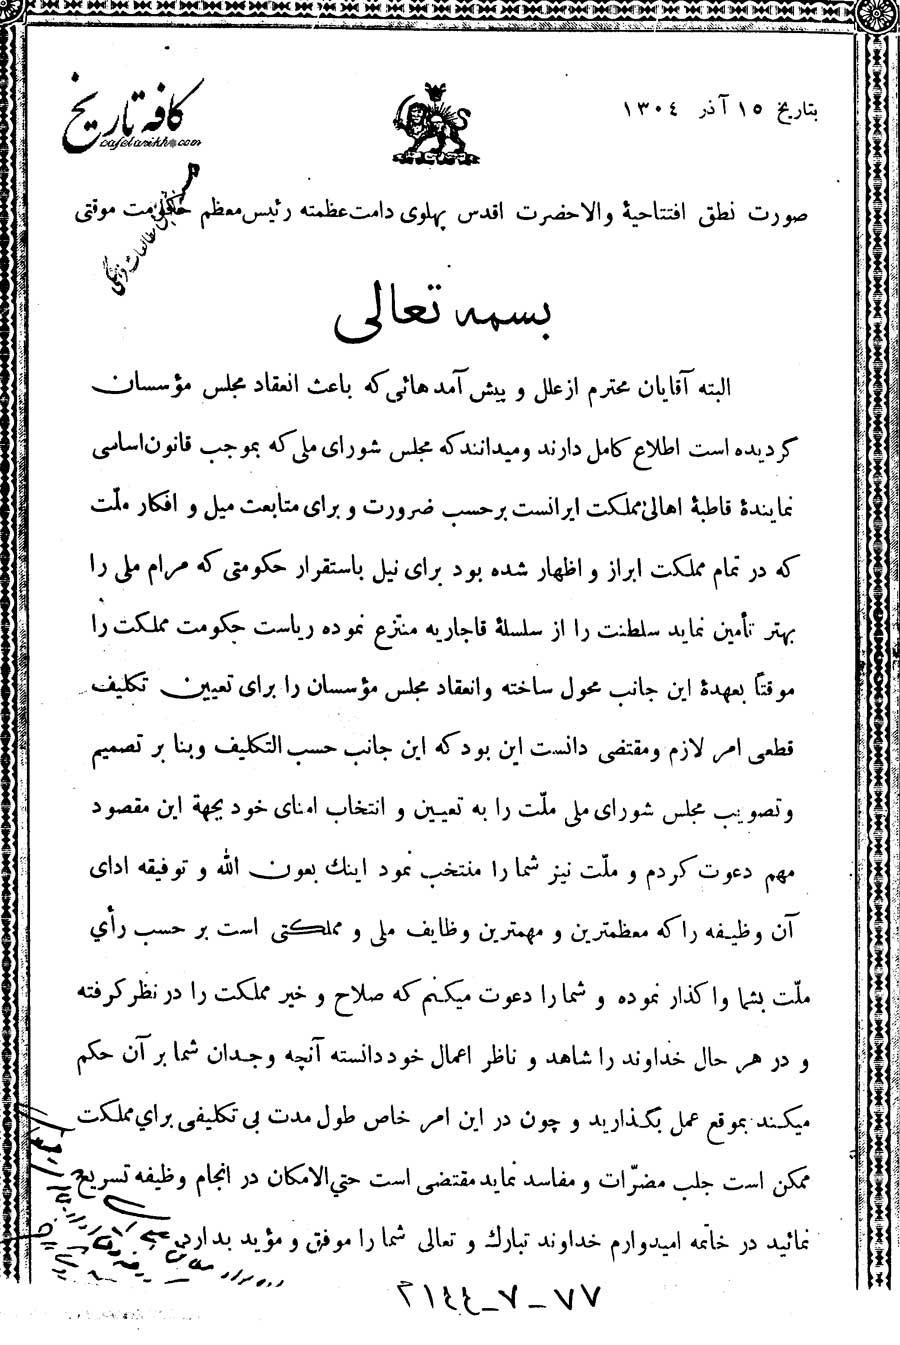 خلف وعده رضا خان